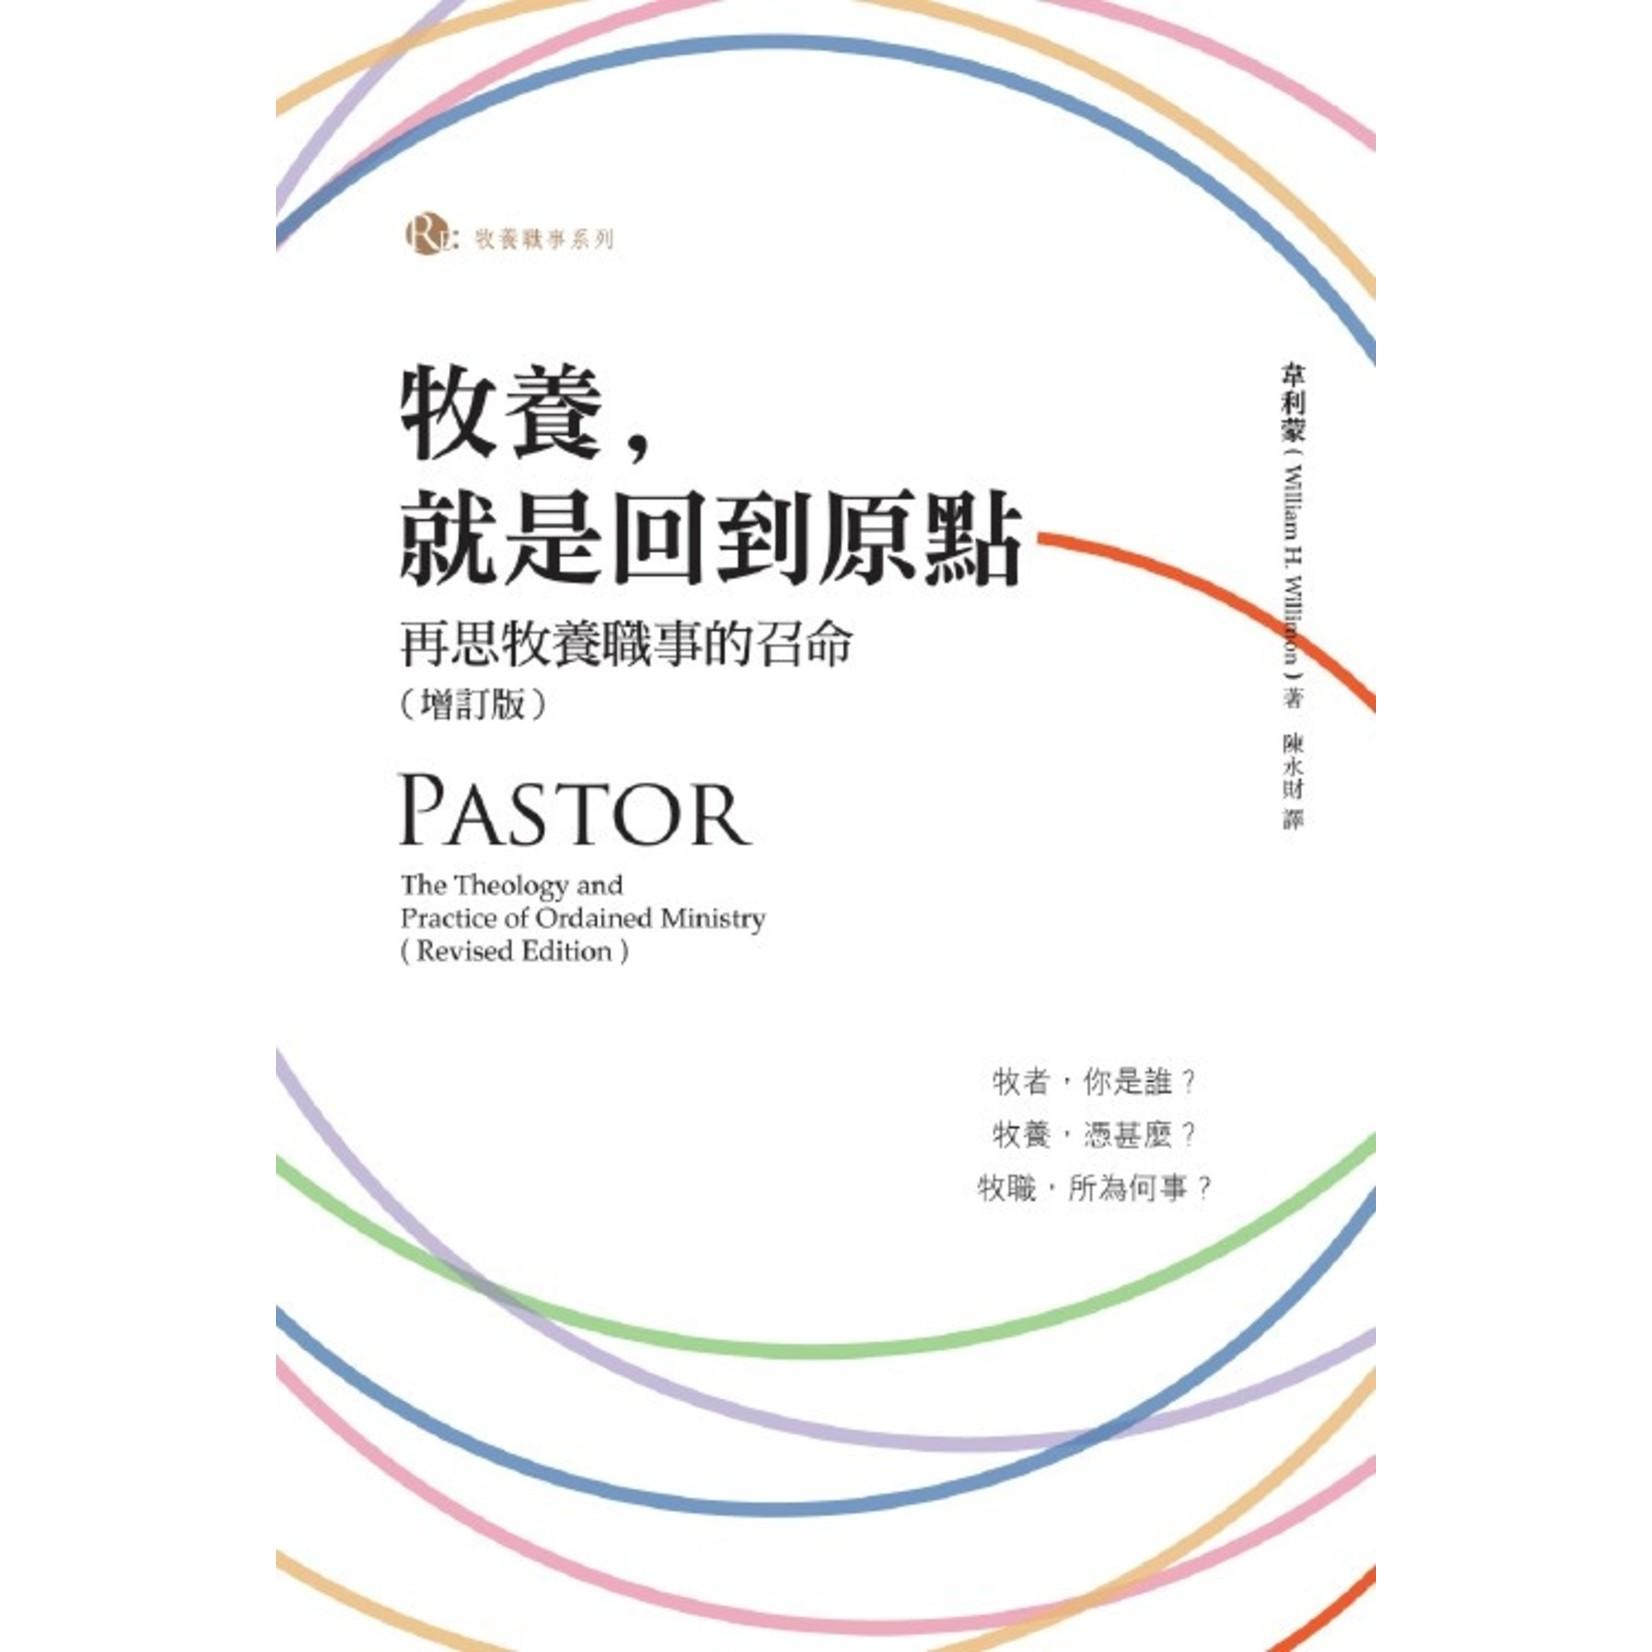 基道 Logos Book House 牧養,就是回到原點:再思牧養職事的召命(增訂版) Pastor: The Theology and Practice of Ordained Ministry (Revised Edition)